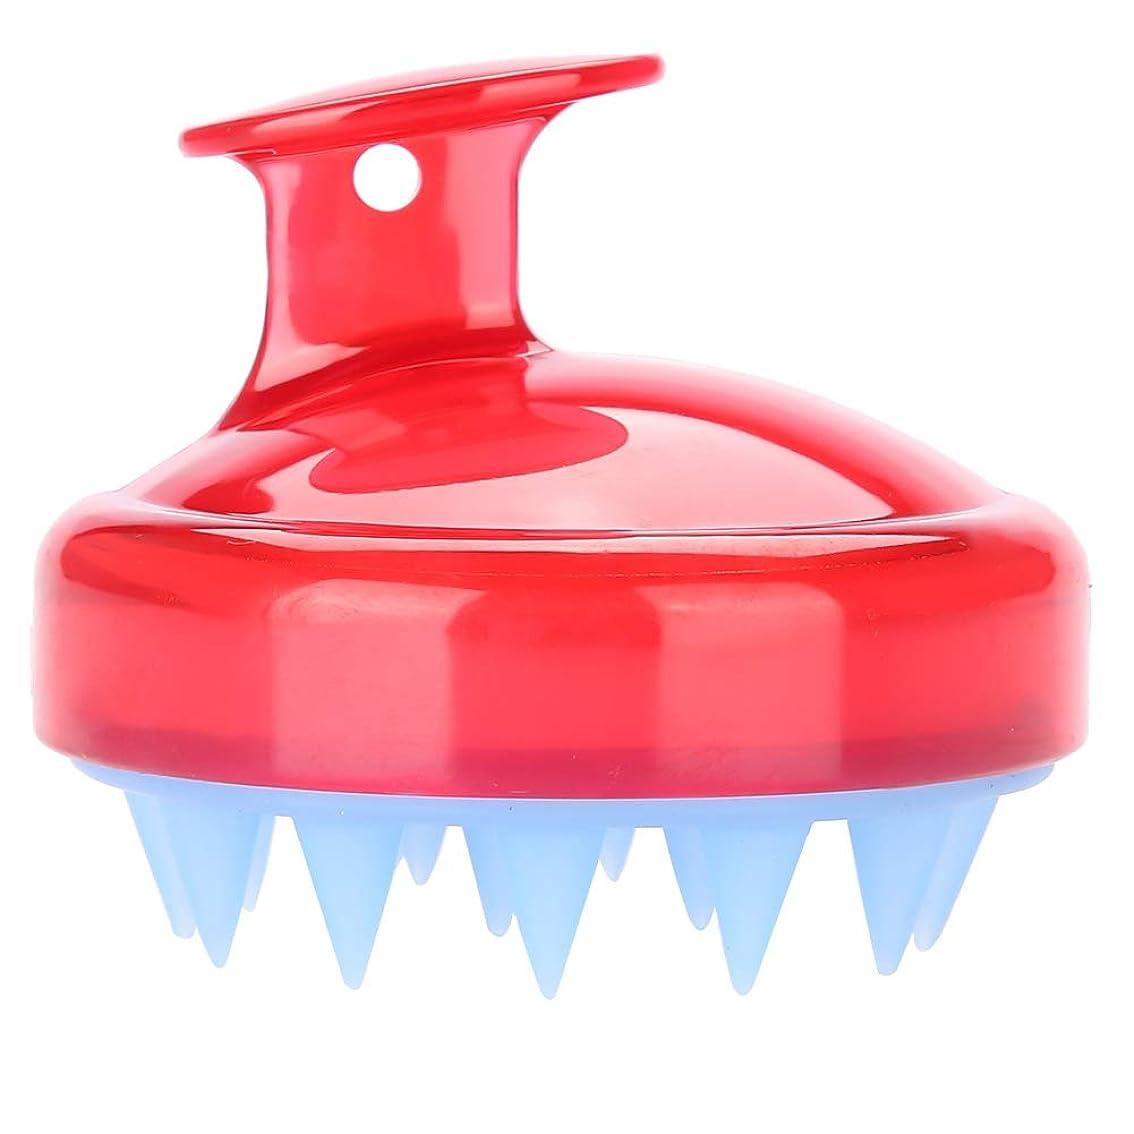 被害者扱う感謝5色マッサージャーヘッド - スカルプマッサージャー、マッサージャーブラシヘッドシャンプー - ボディ洗浄マッサージャーのためのシャワーブラシ(赤)